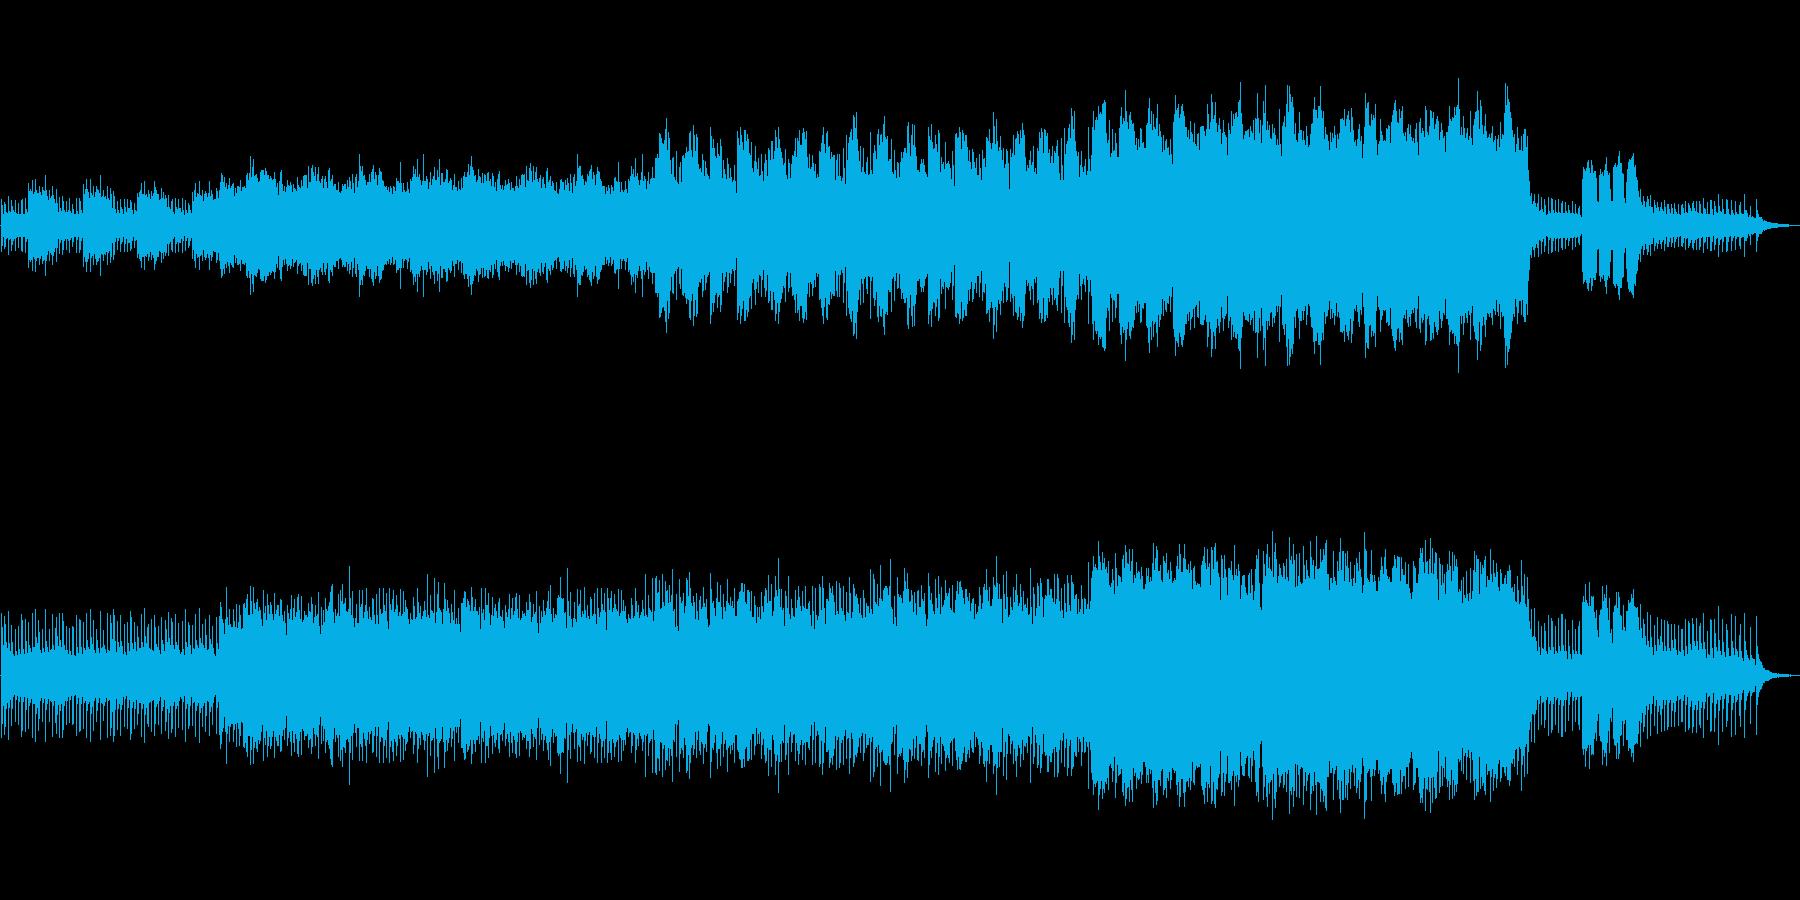 ファンタジーRPG等に合いそうな幻想的…の再生済みの波形